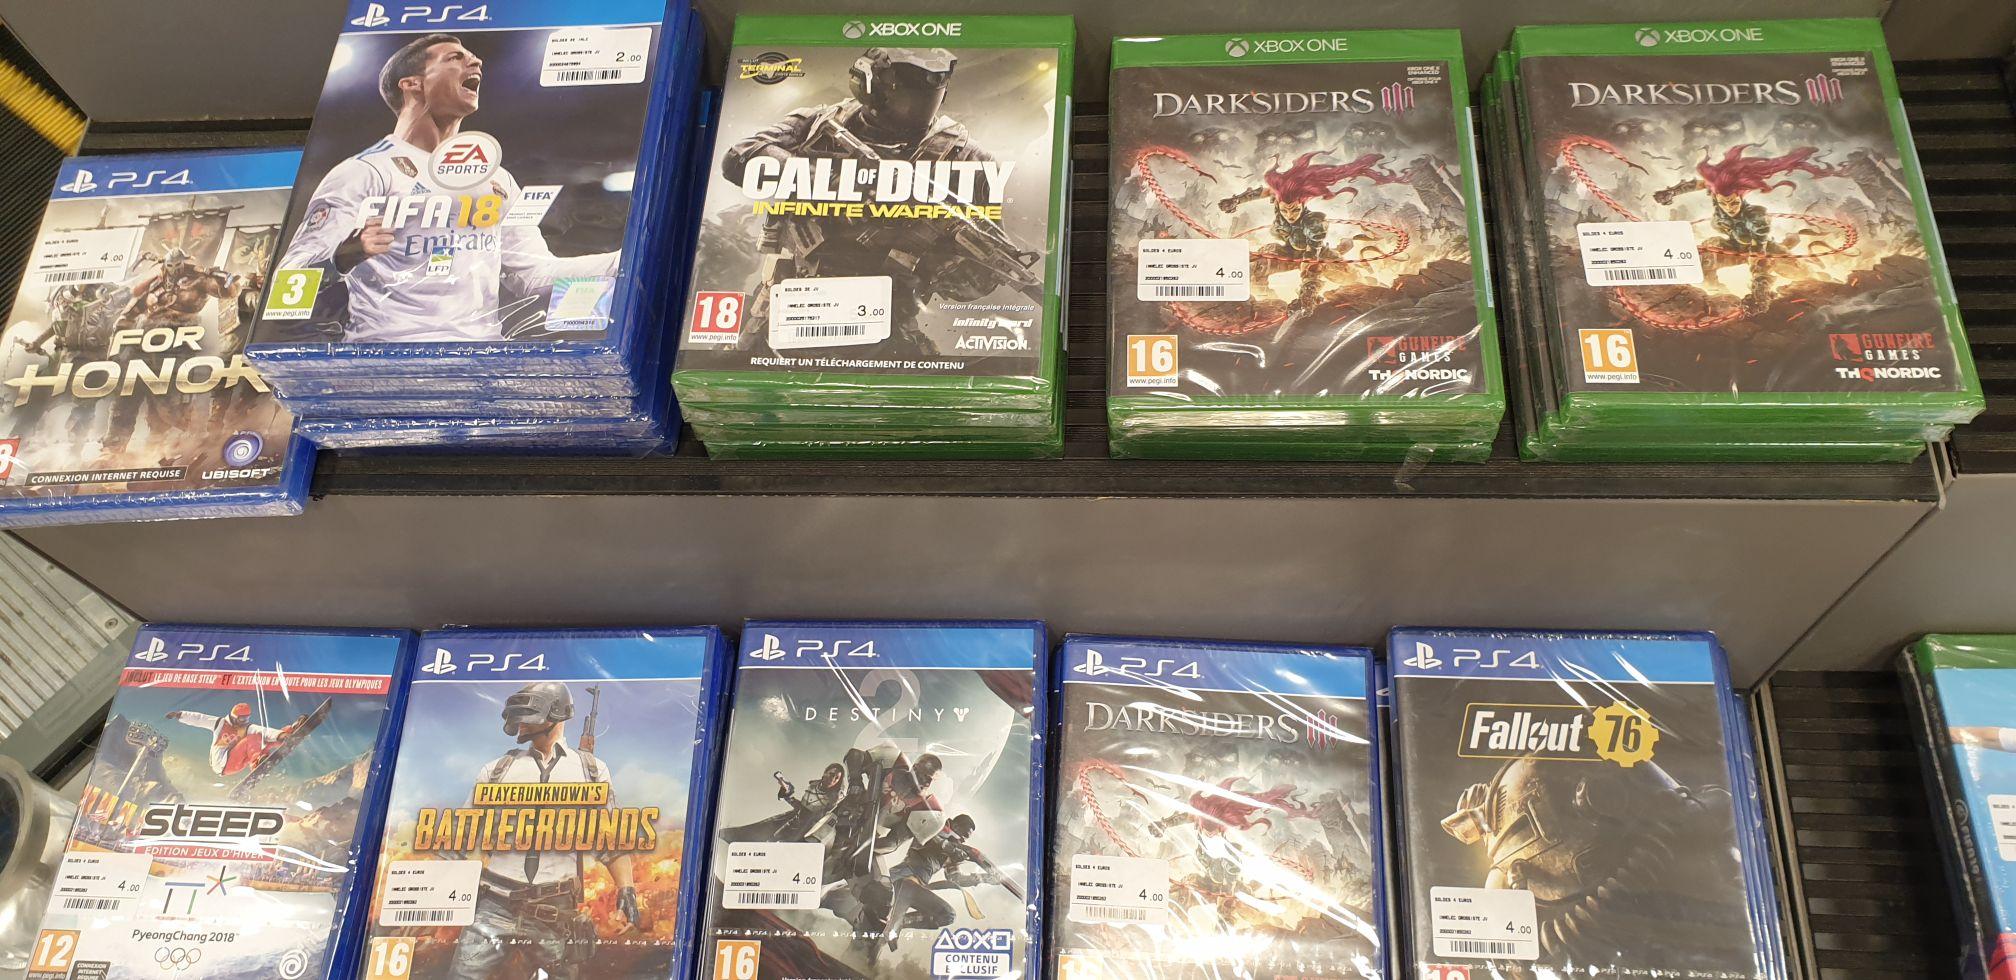 Sélection de jeux PS4 et Xbox One en promotion (Ex : Darksiders III) - Bourgoin Jallieu (38)